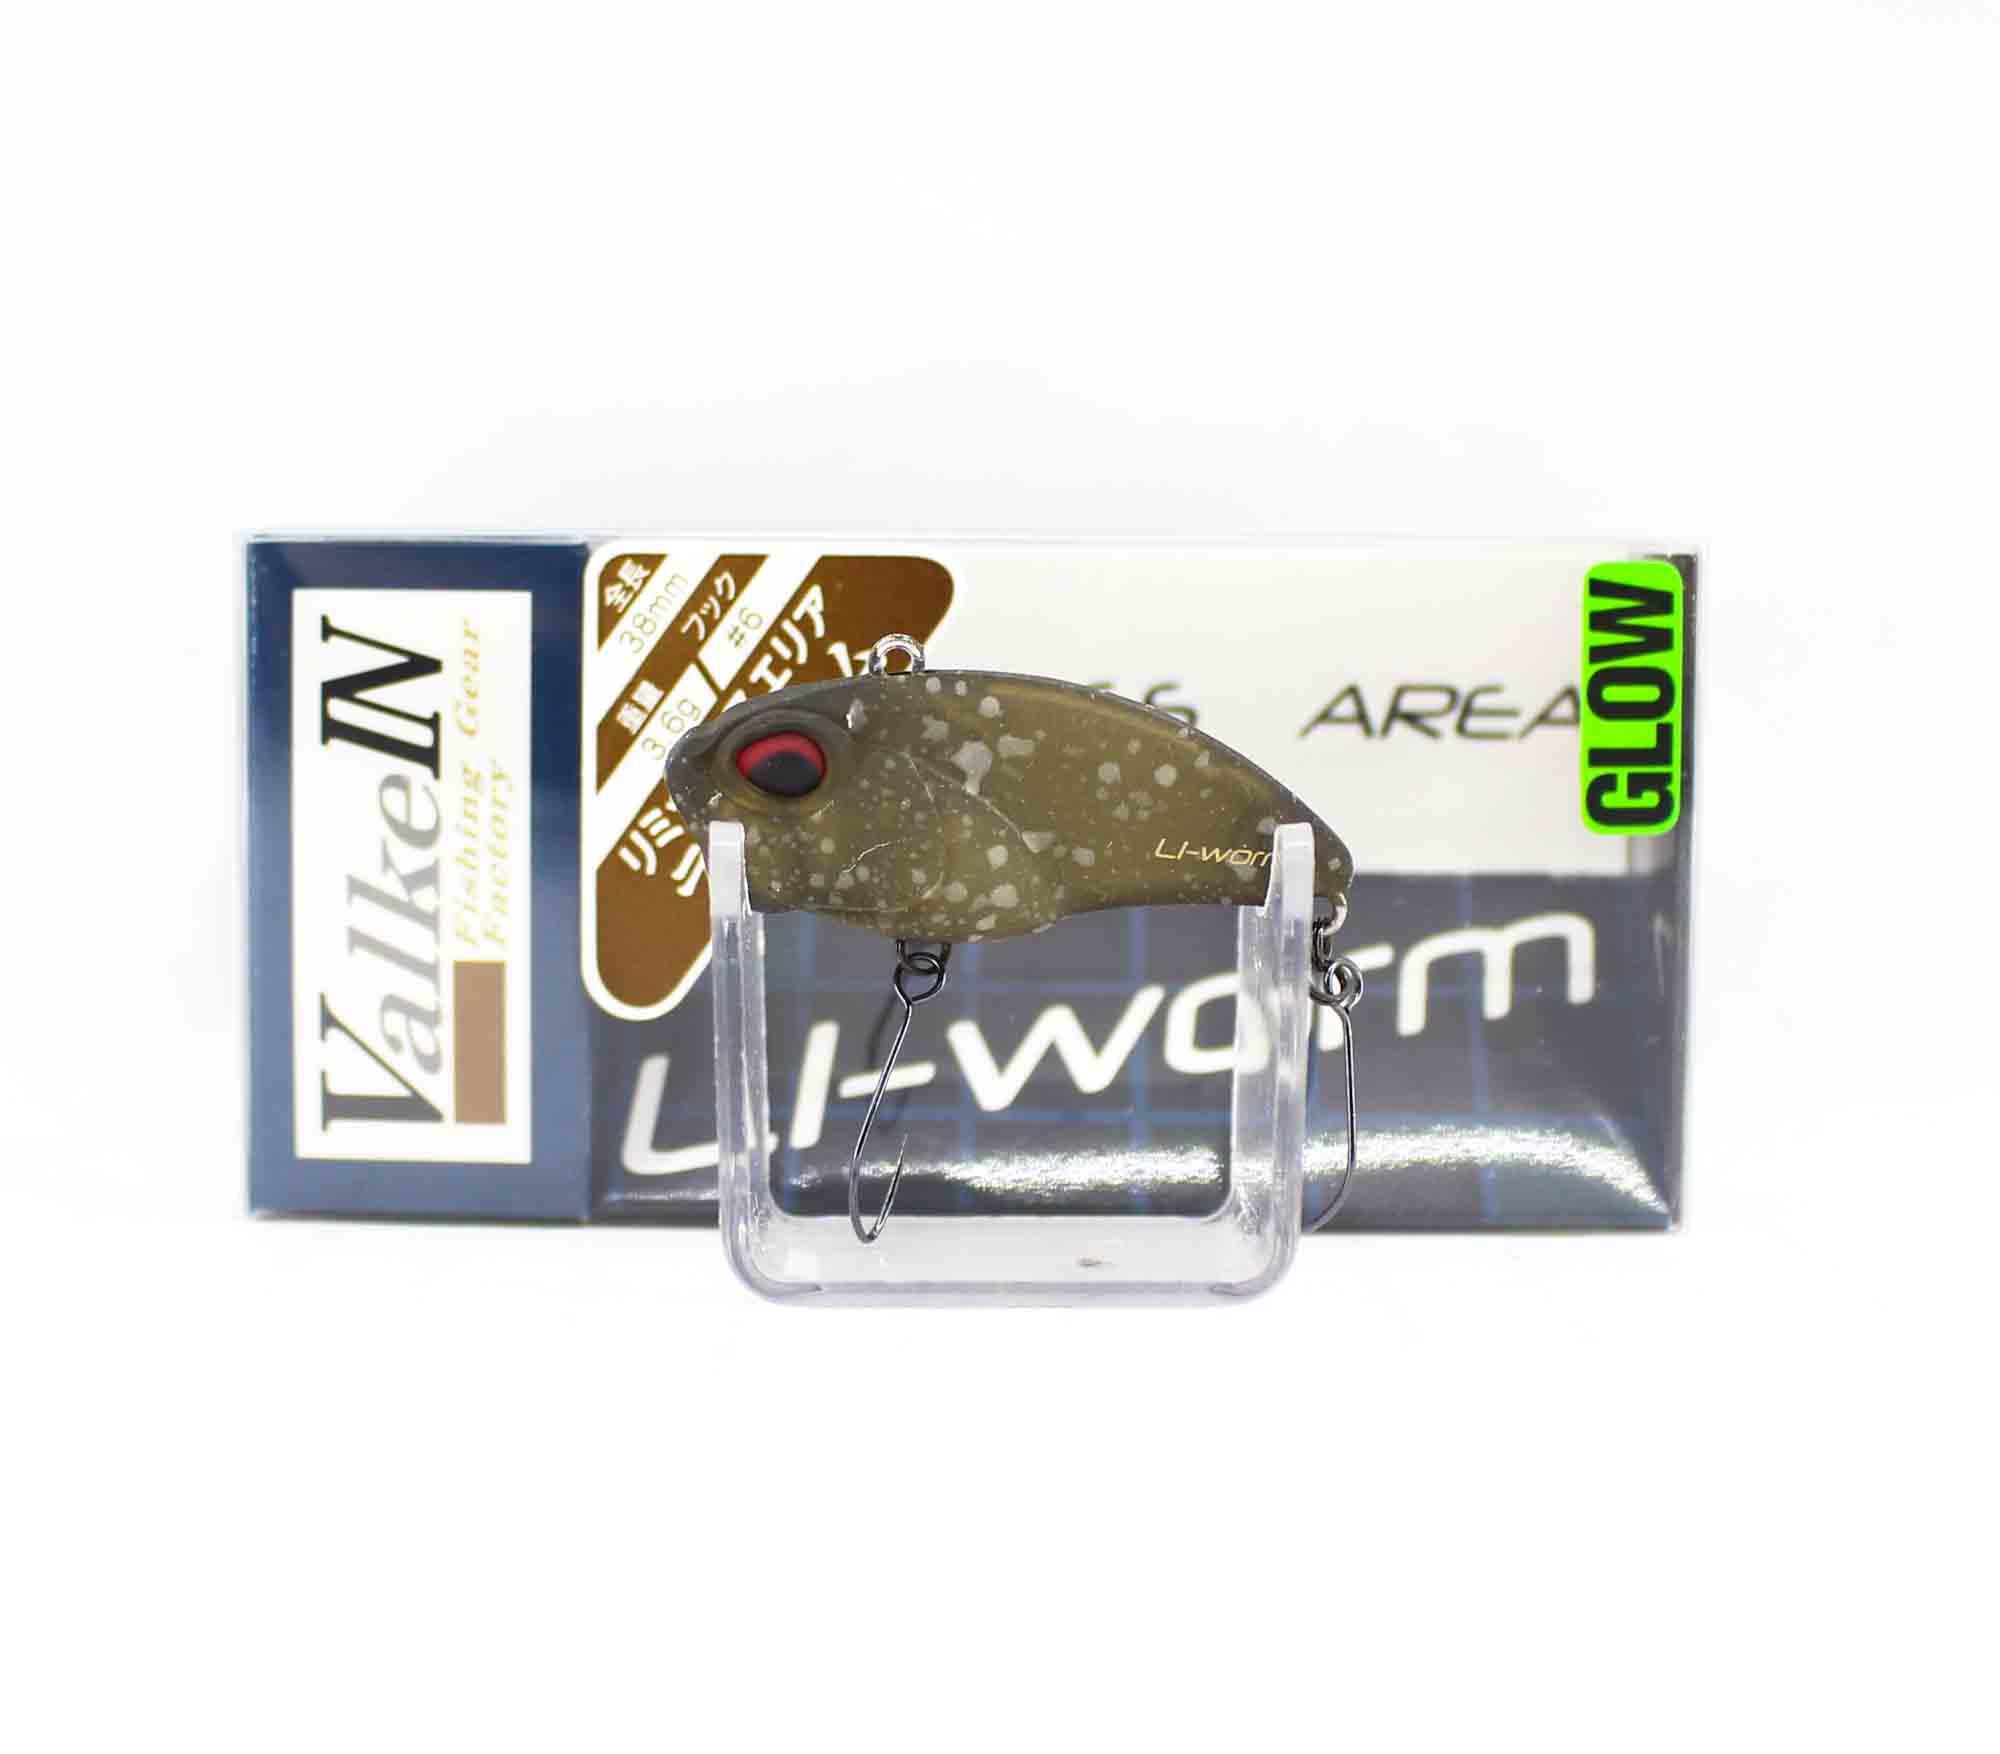 Valkein Li-Worm 38mm 3.6 grams Sinking Lure M033 (0925)